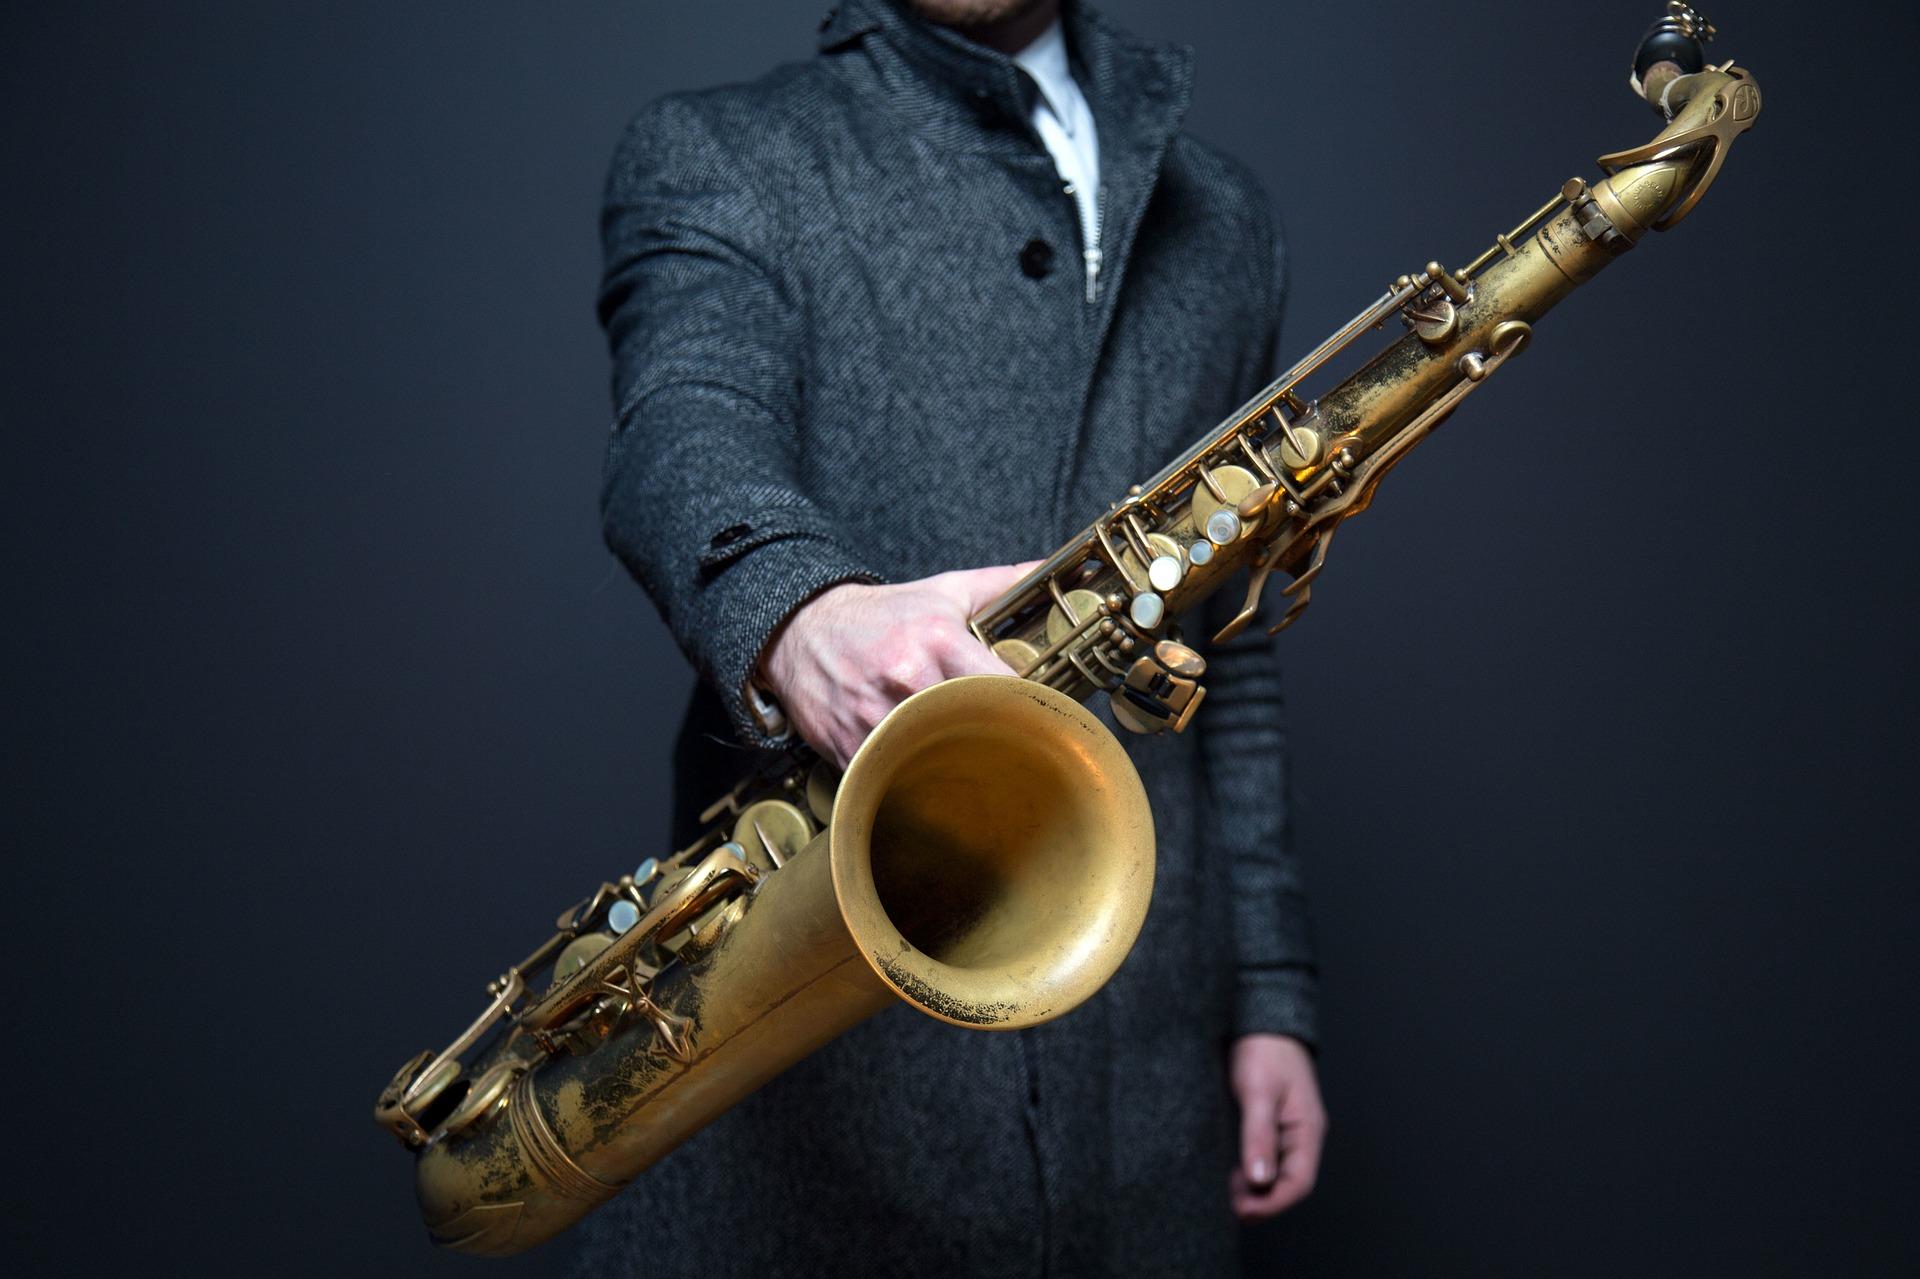 Vill du börja lyssna på jazz?